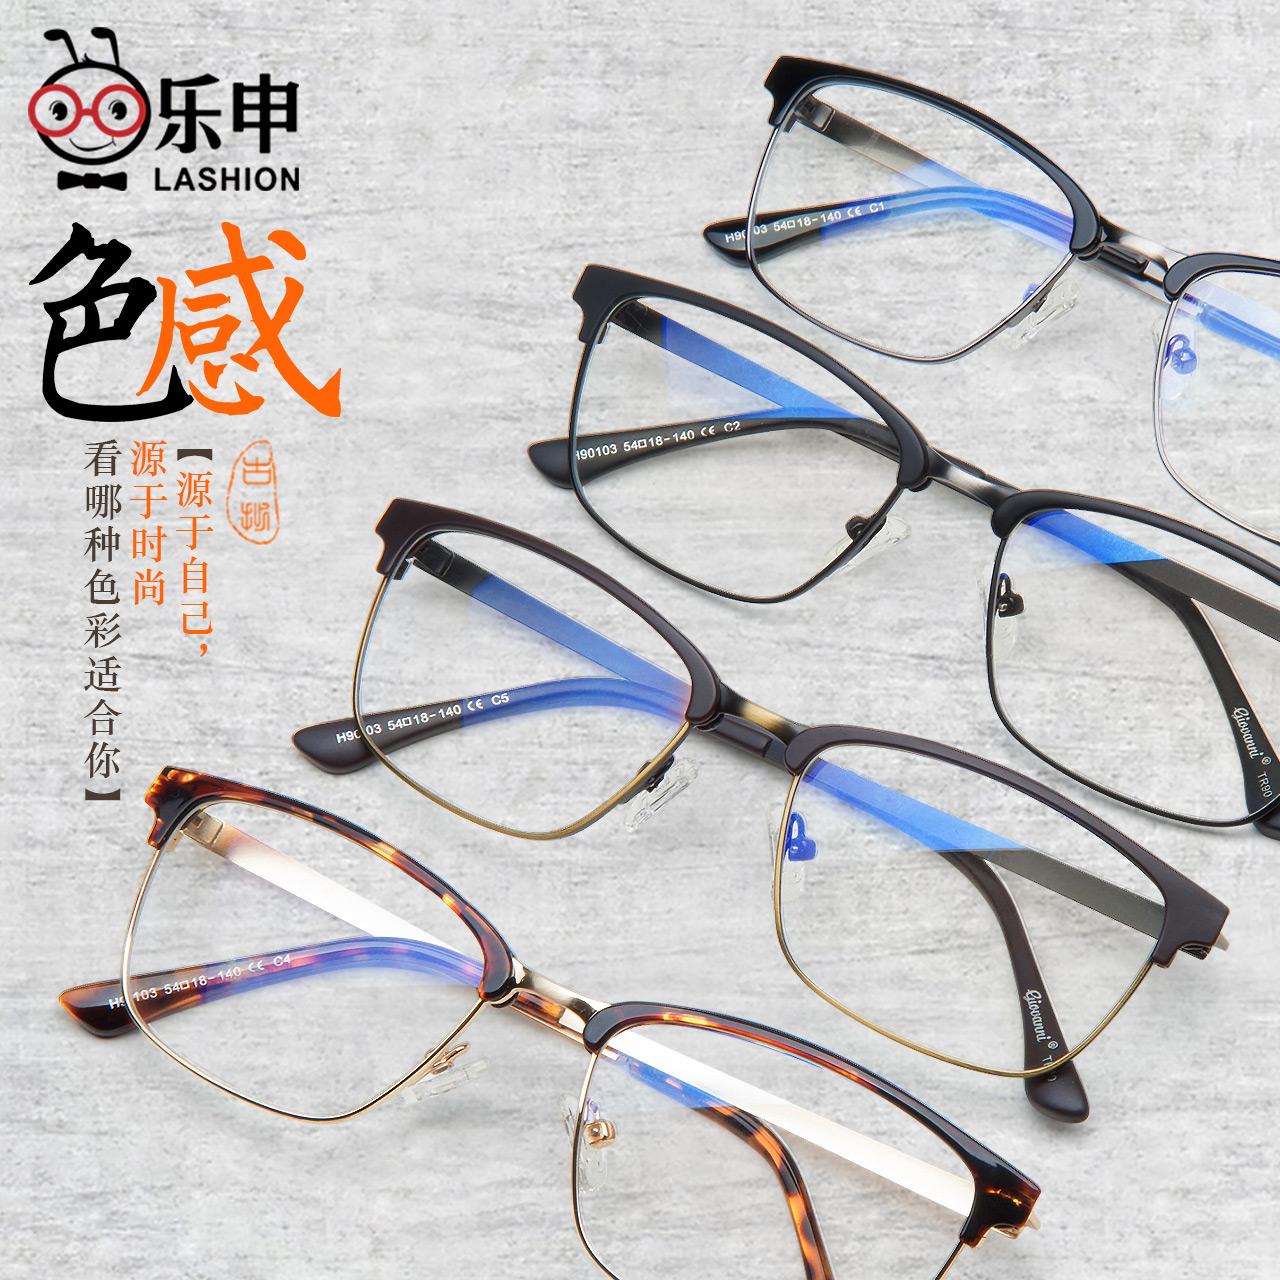 近视眼镜 男复古文艺全框眼镜框配成品平光镜 眼睛框镜架女近视镜